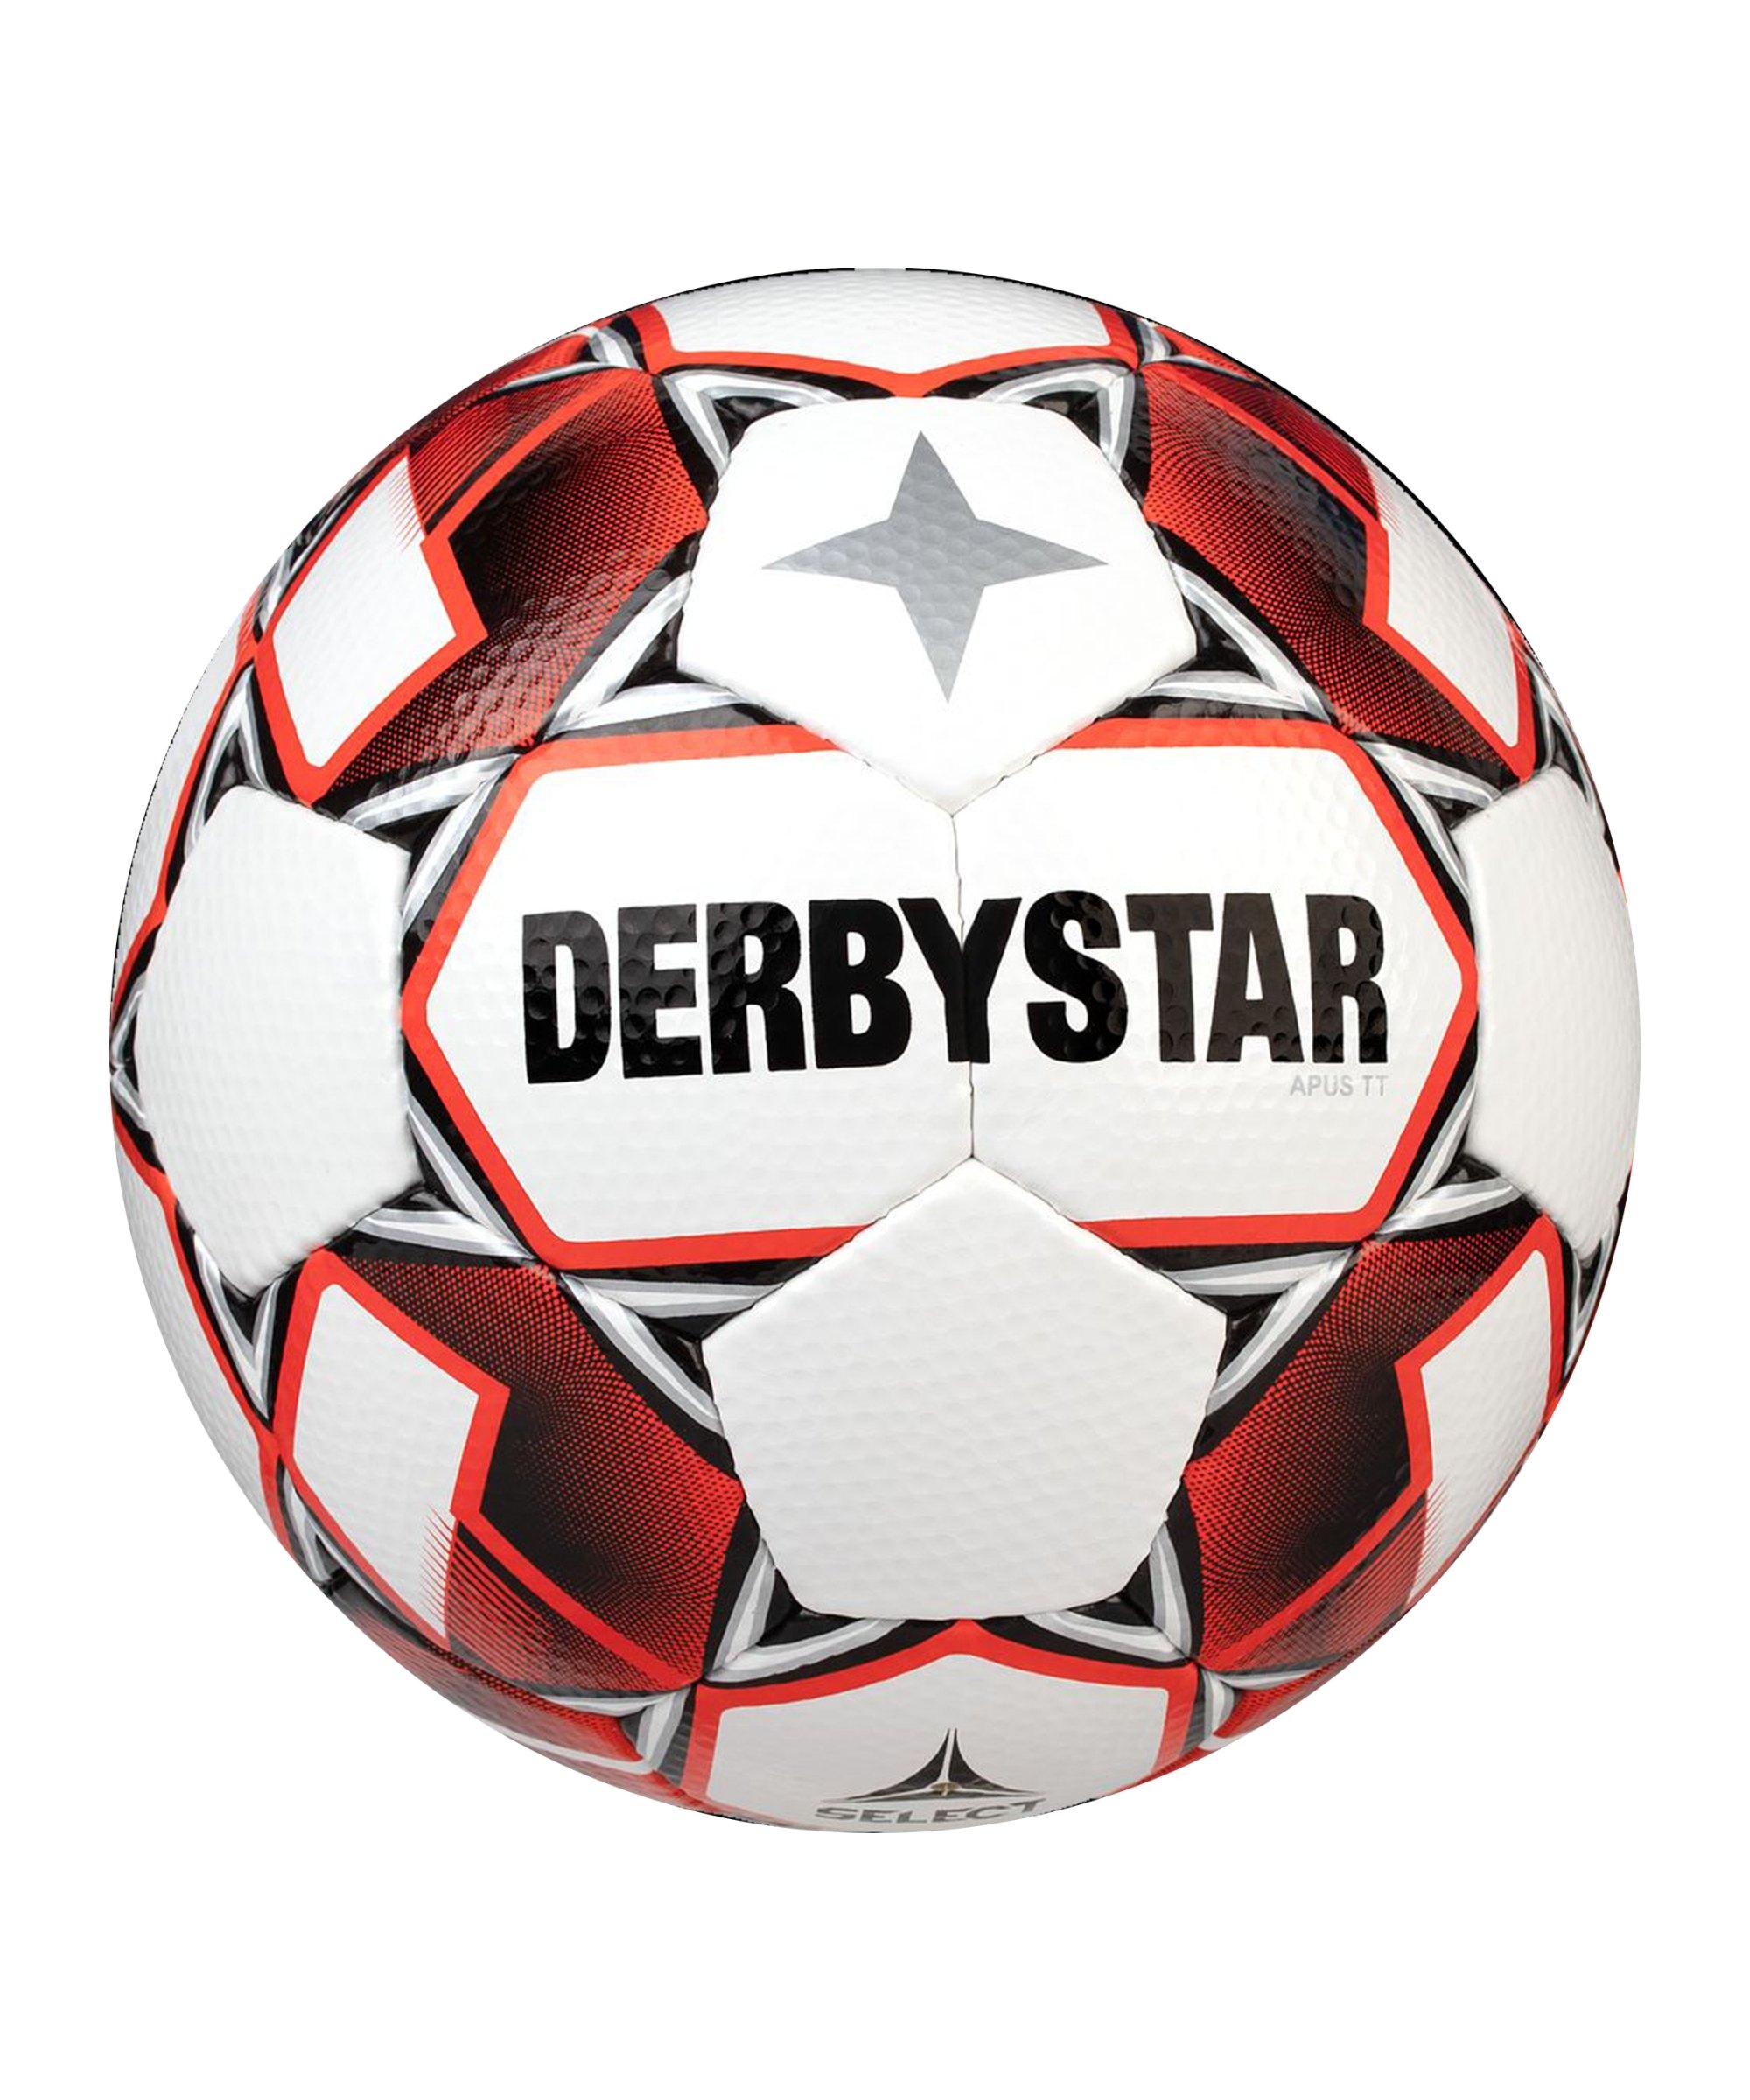 Derbystar Apus TT v20 Trainingsball F130 - weiss